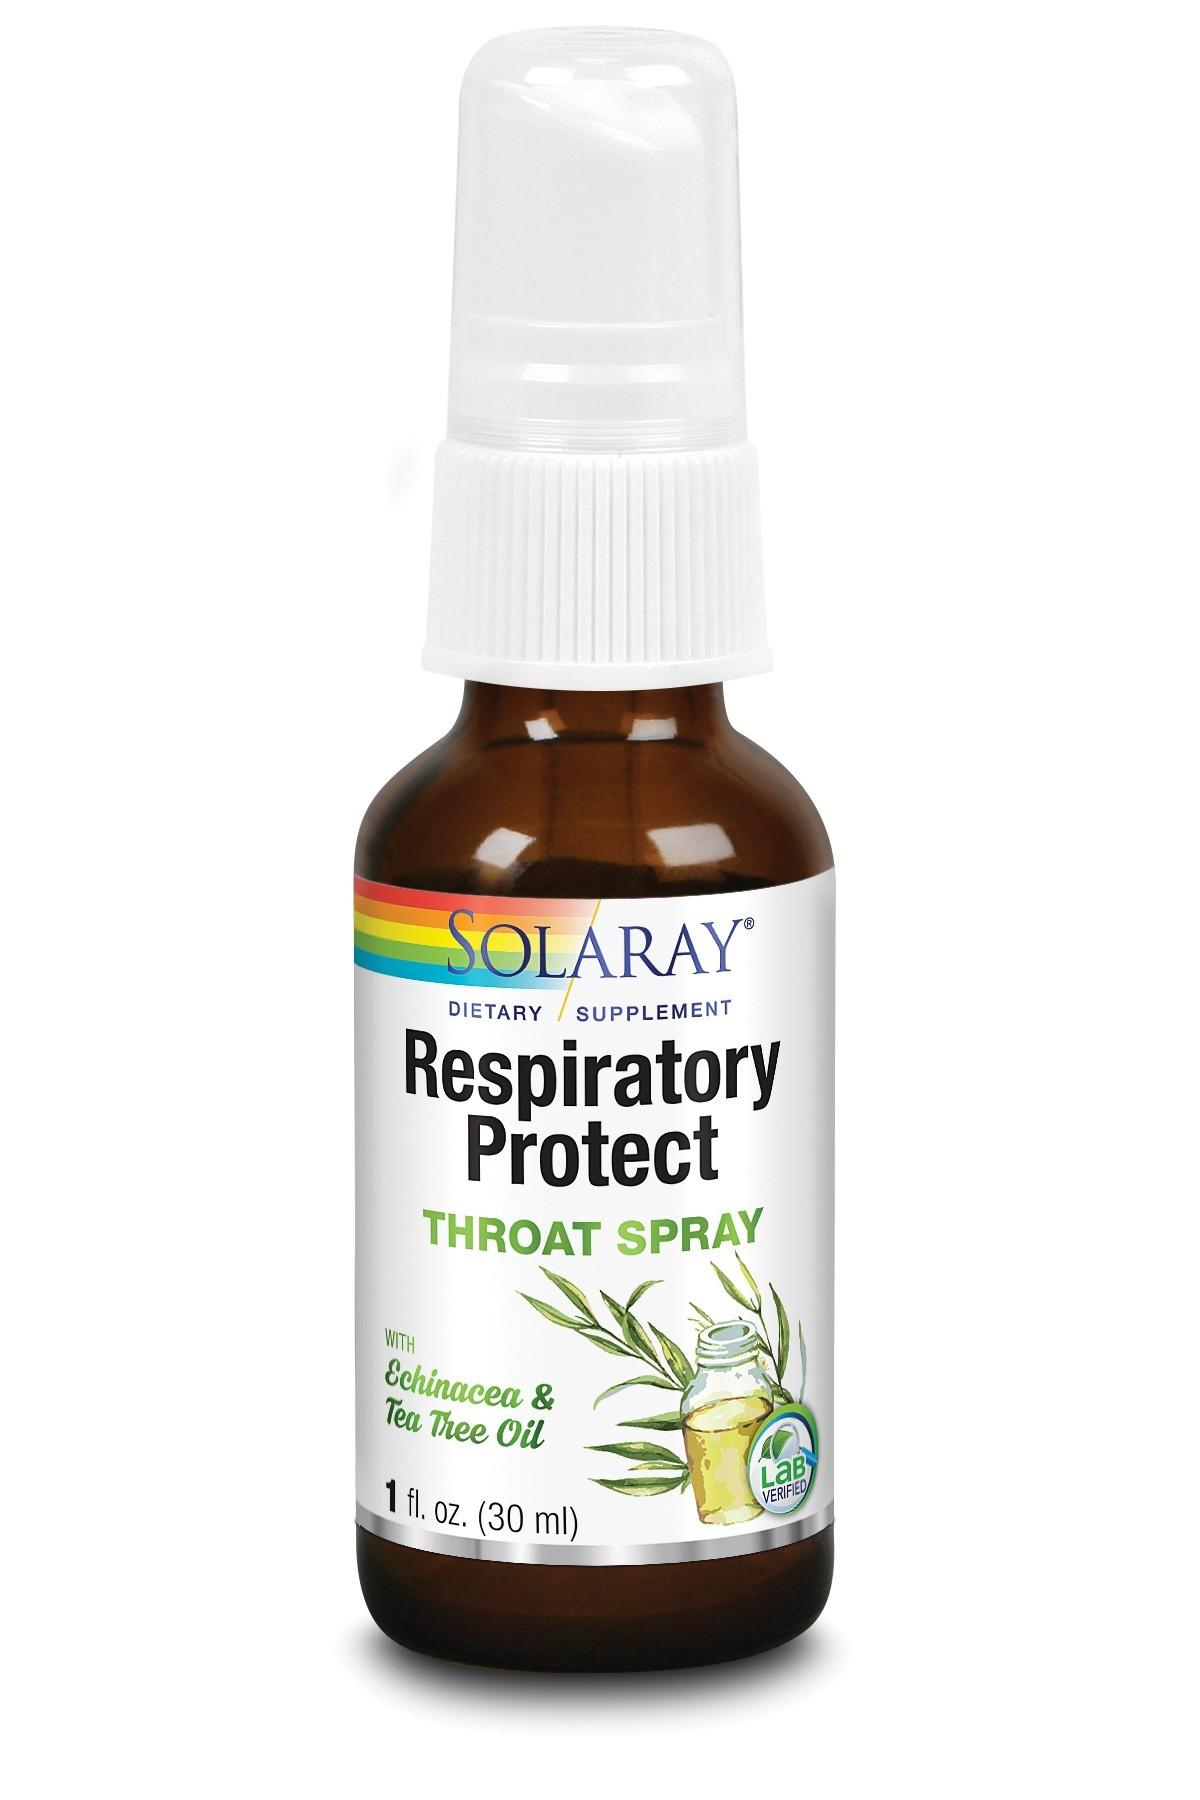 Respiratory Protect Throat Spray Solaray, 30 ml, Secom